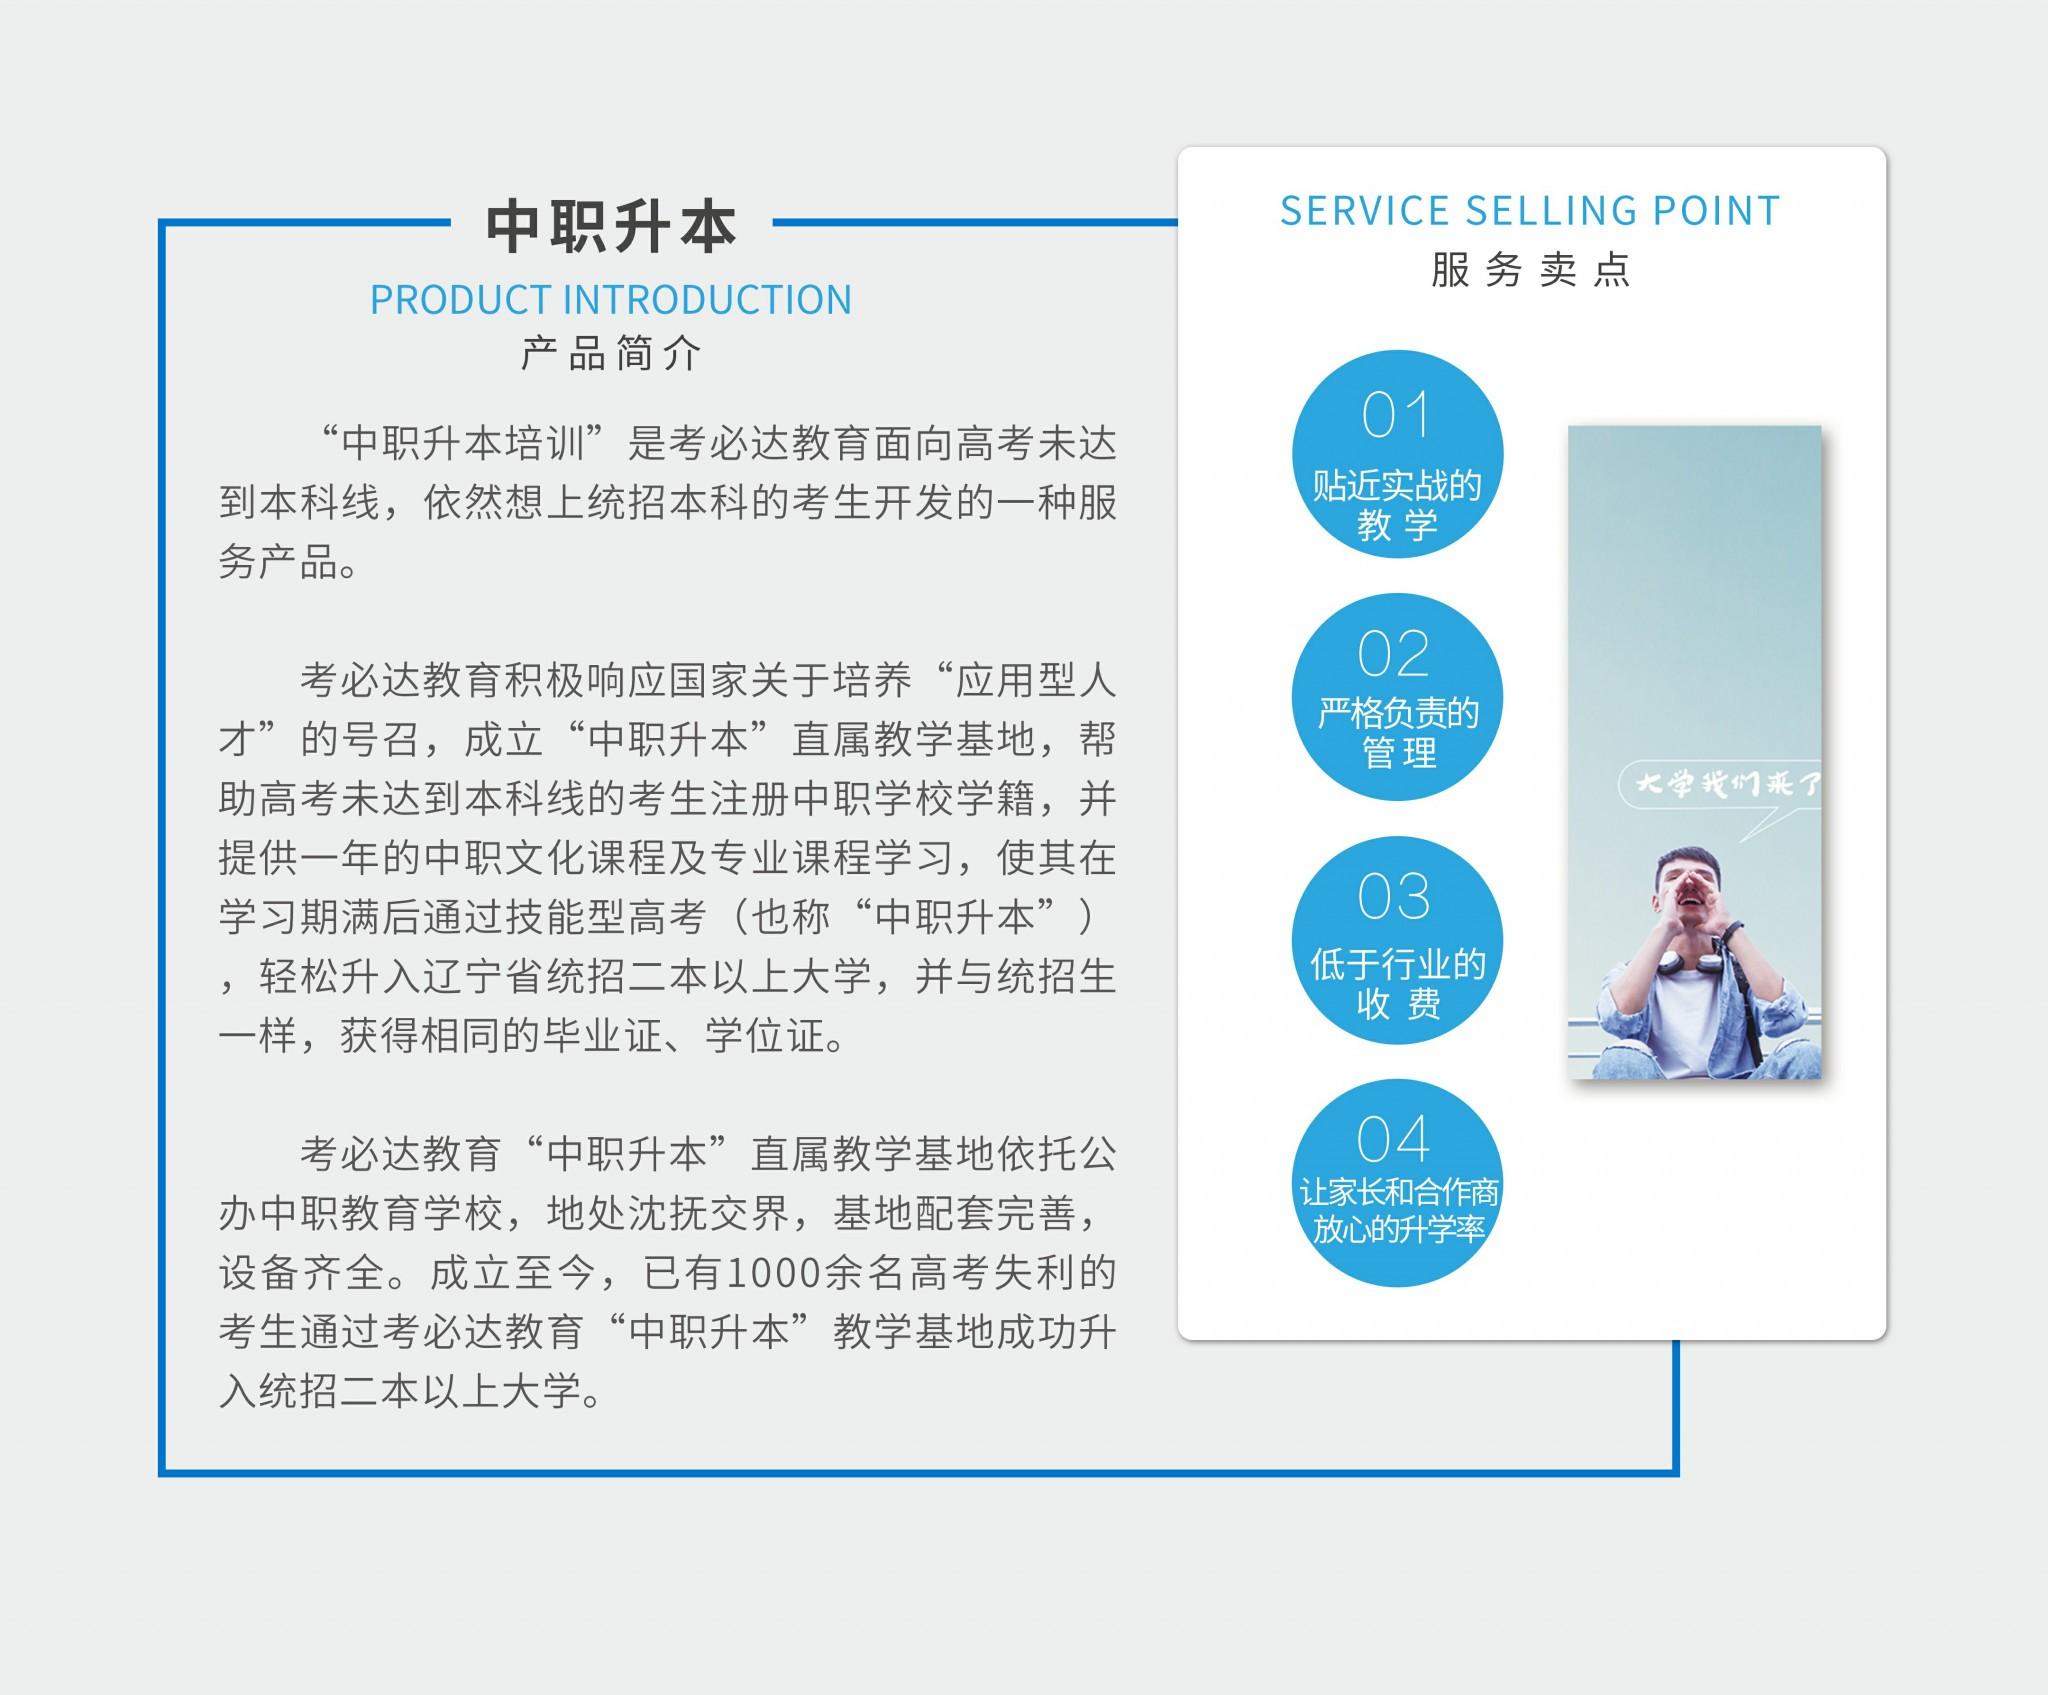 格式工厂HUO--02孵化服务-01提供产品 手机版